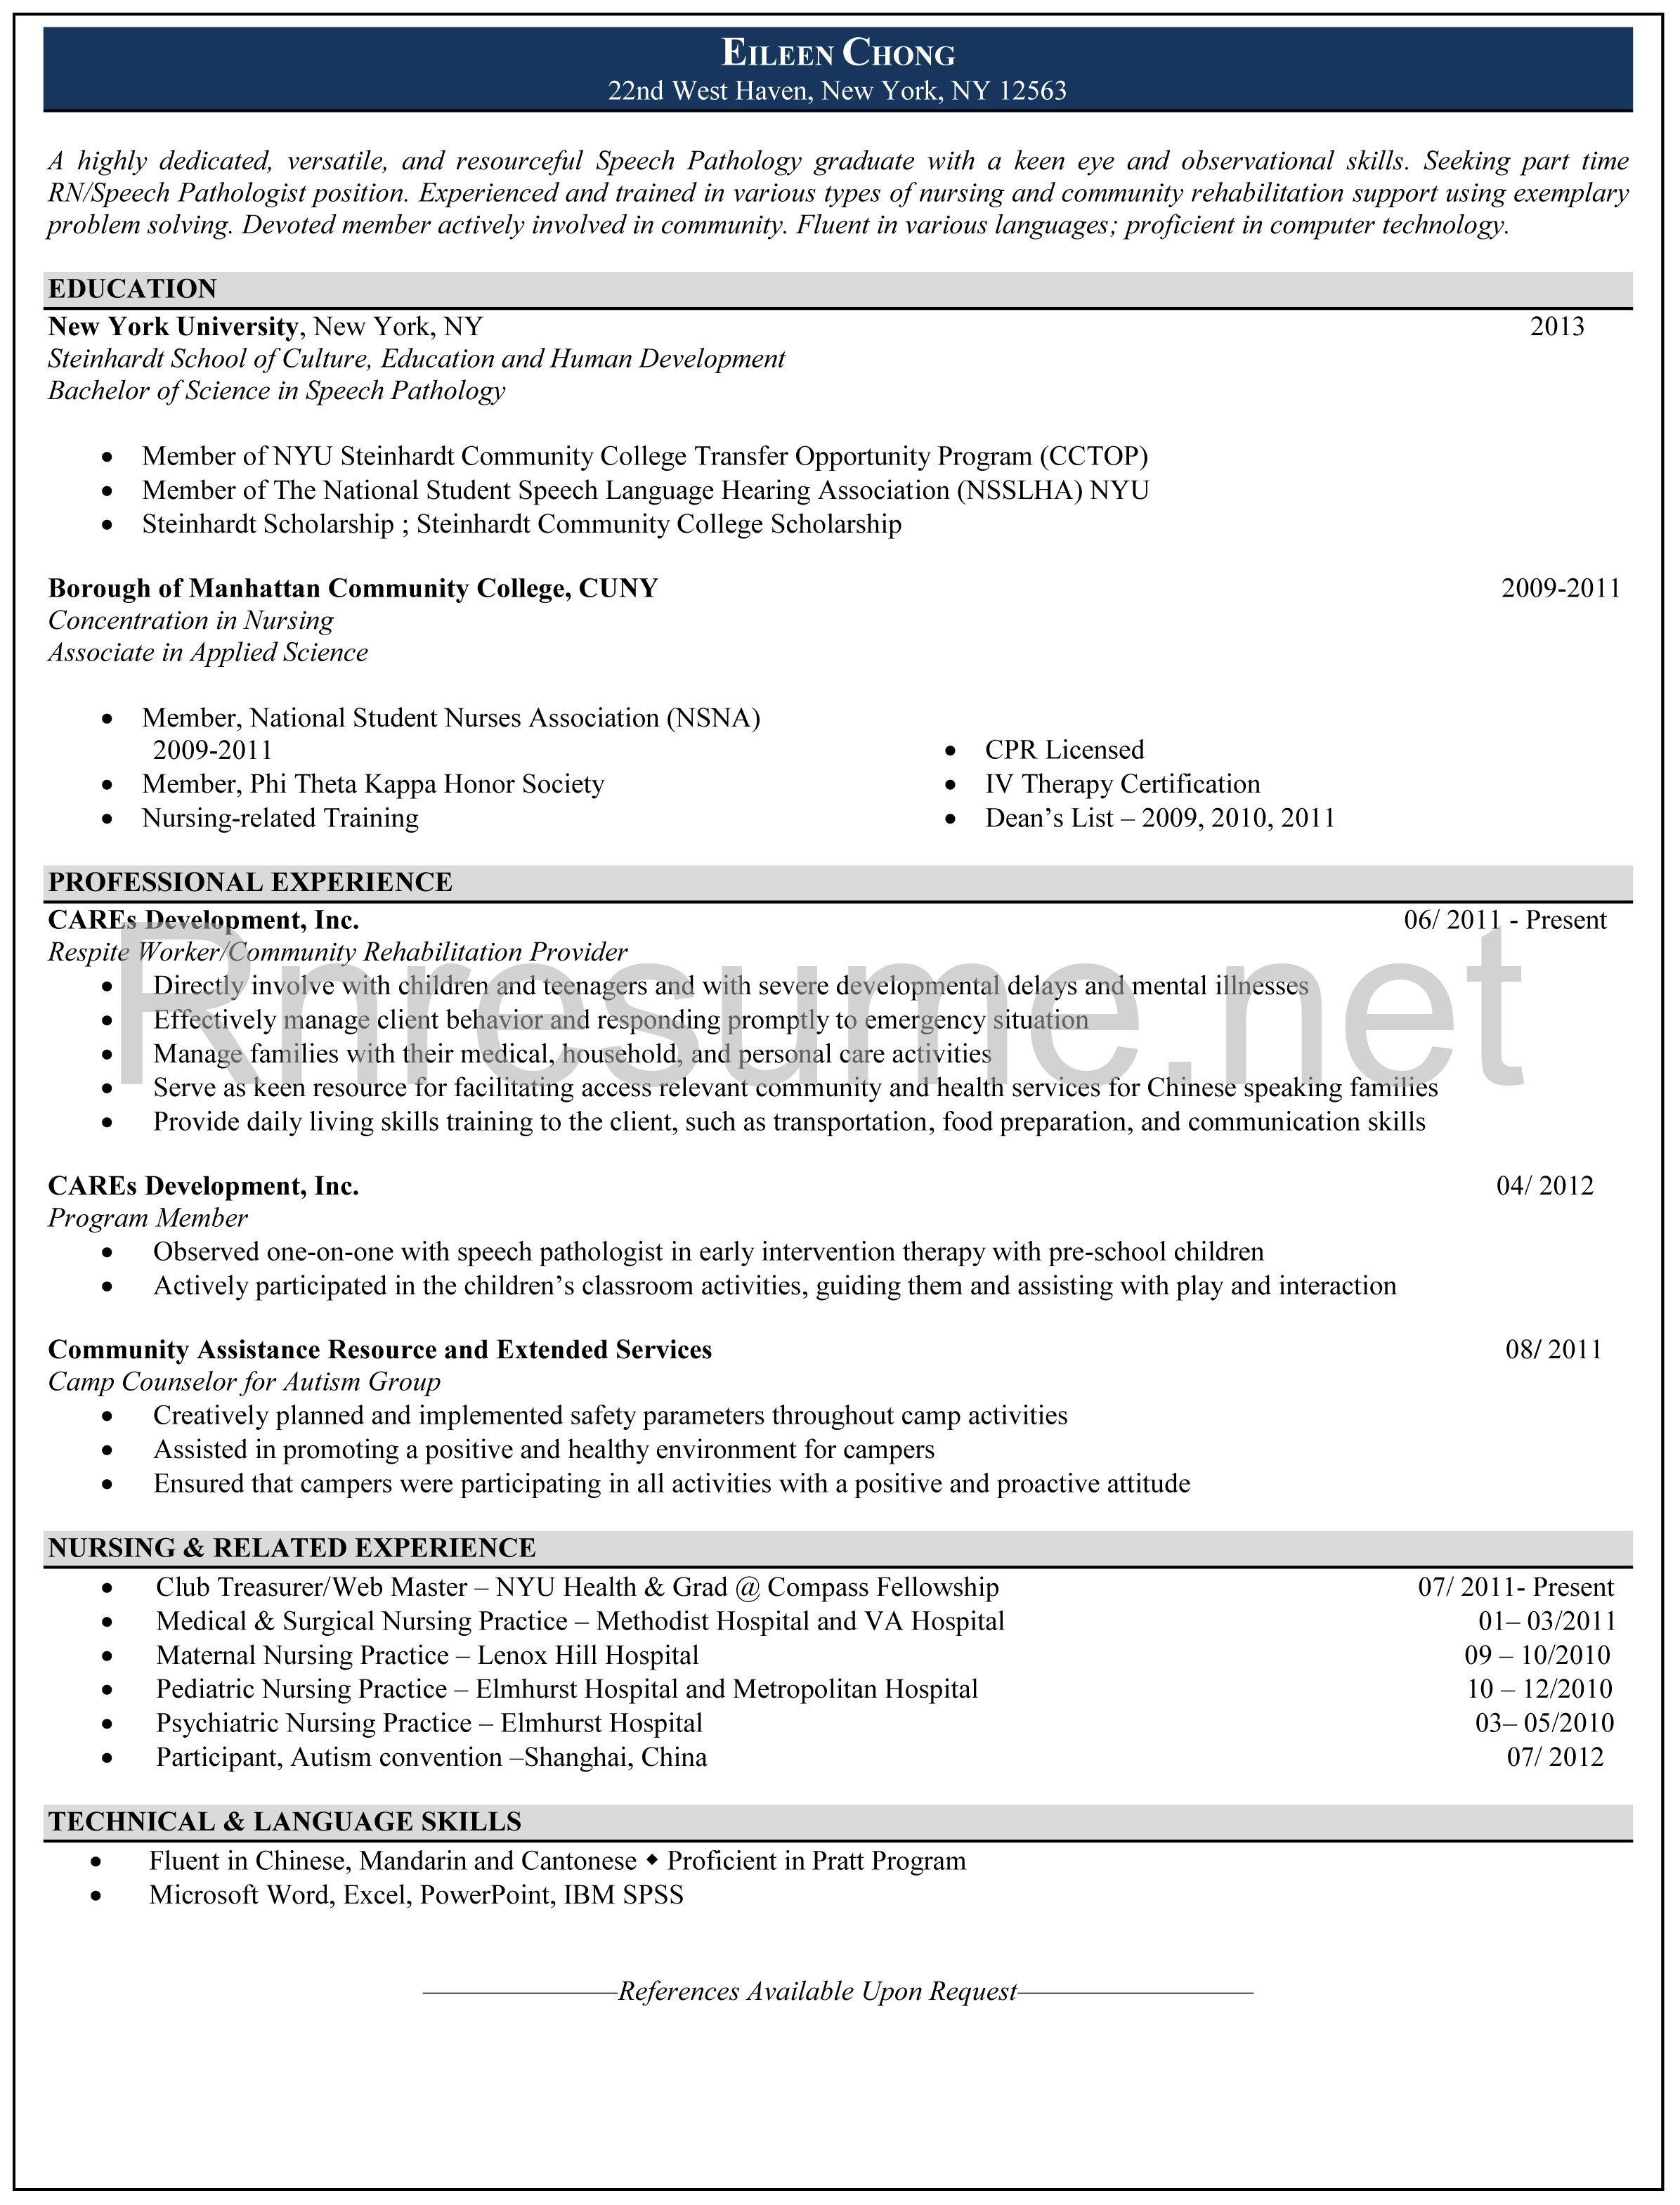 ปักพินโดย RN Resume ใน RN Resume Resume Writing Services